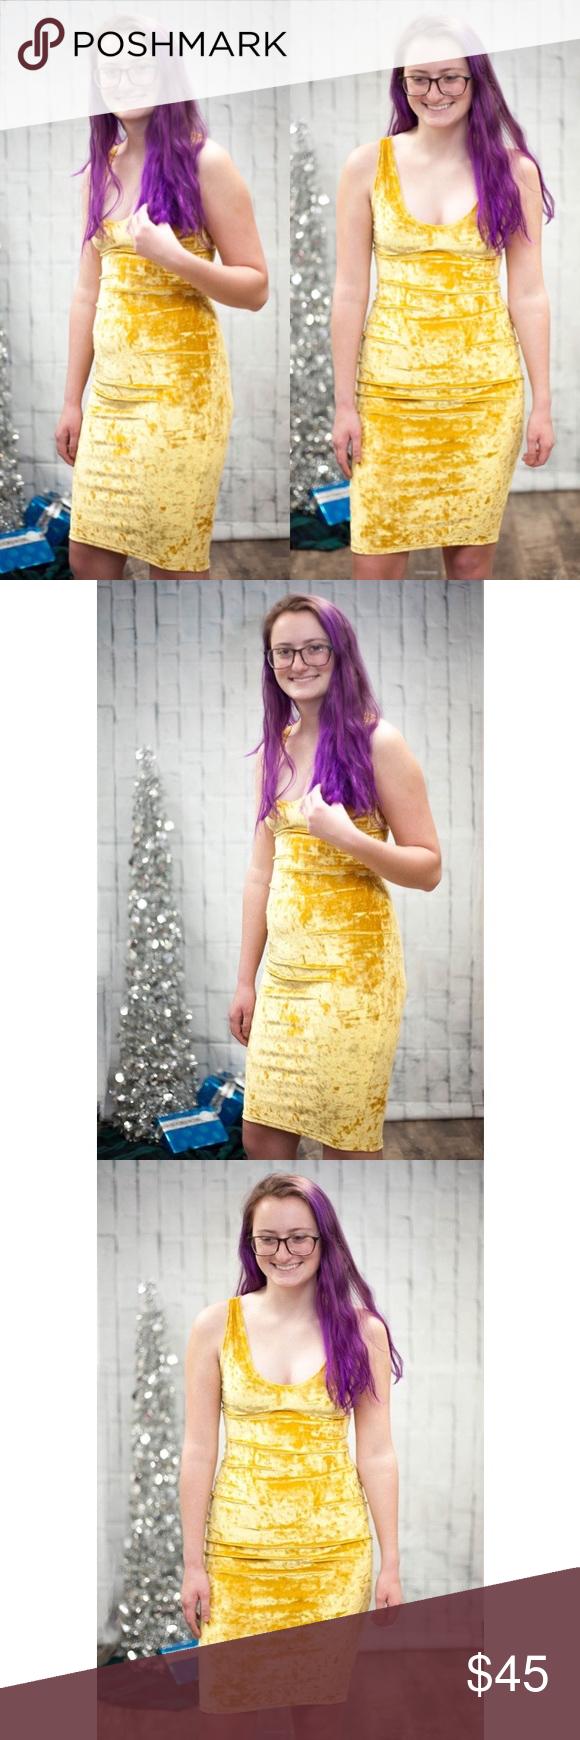 Gold crushed velvet midi dress crushed velvet babes v neck but